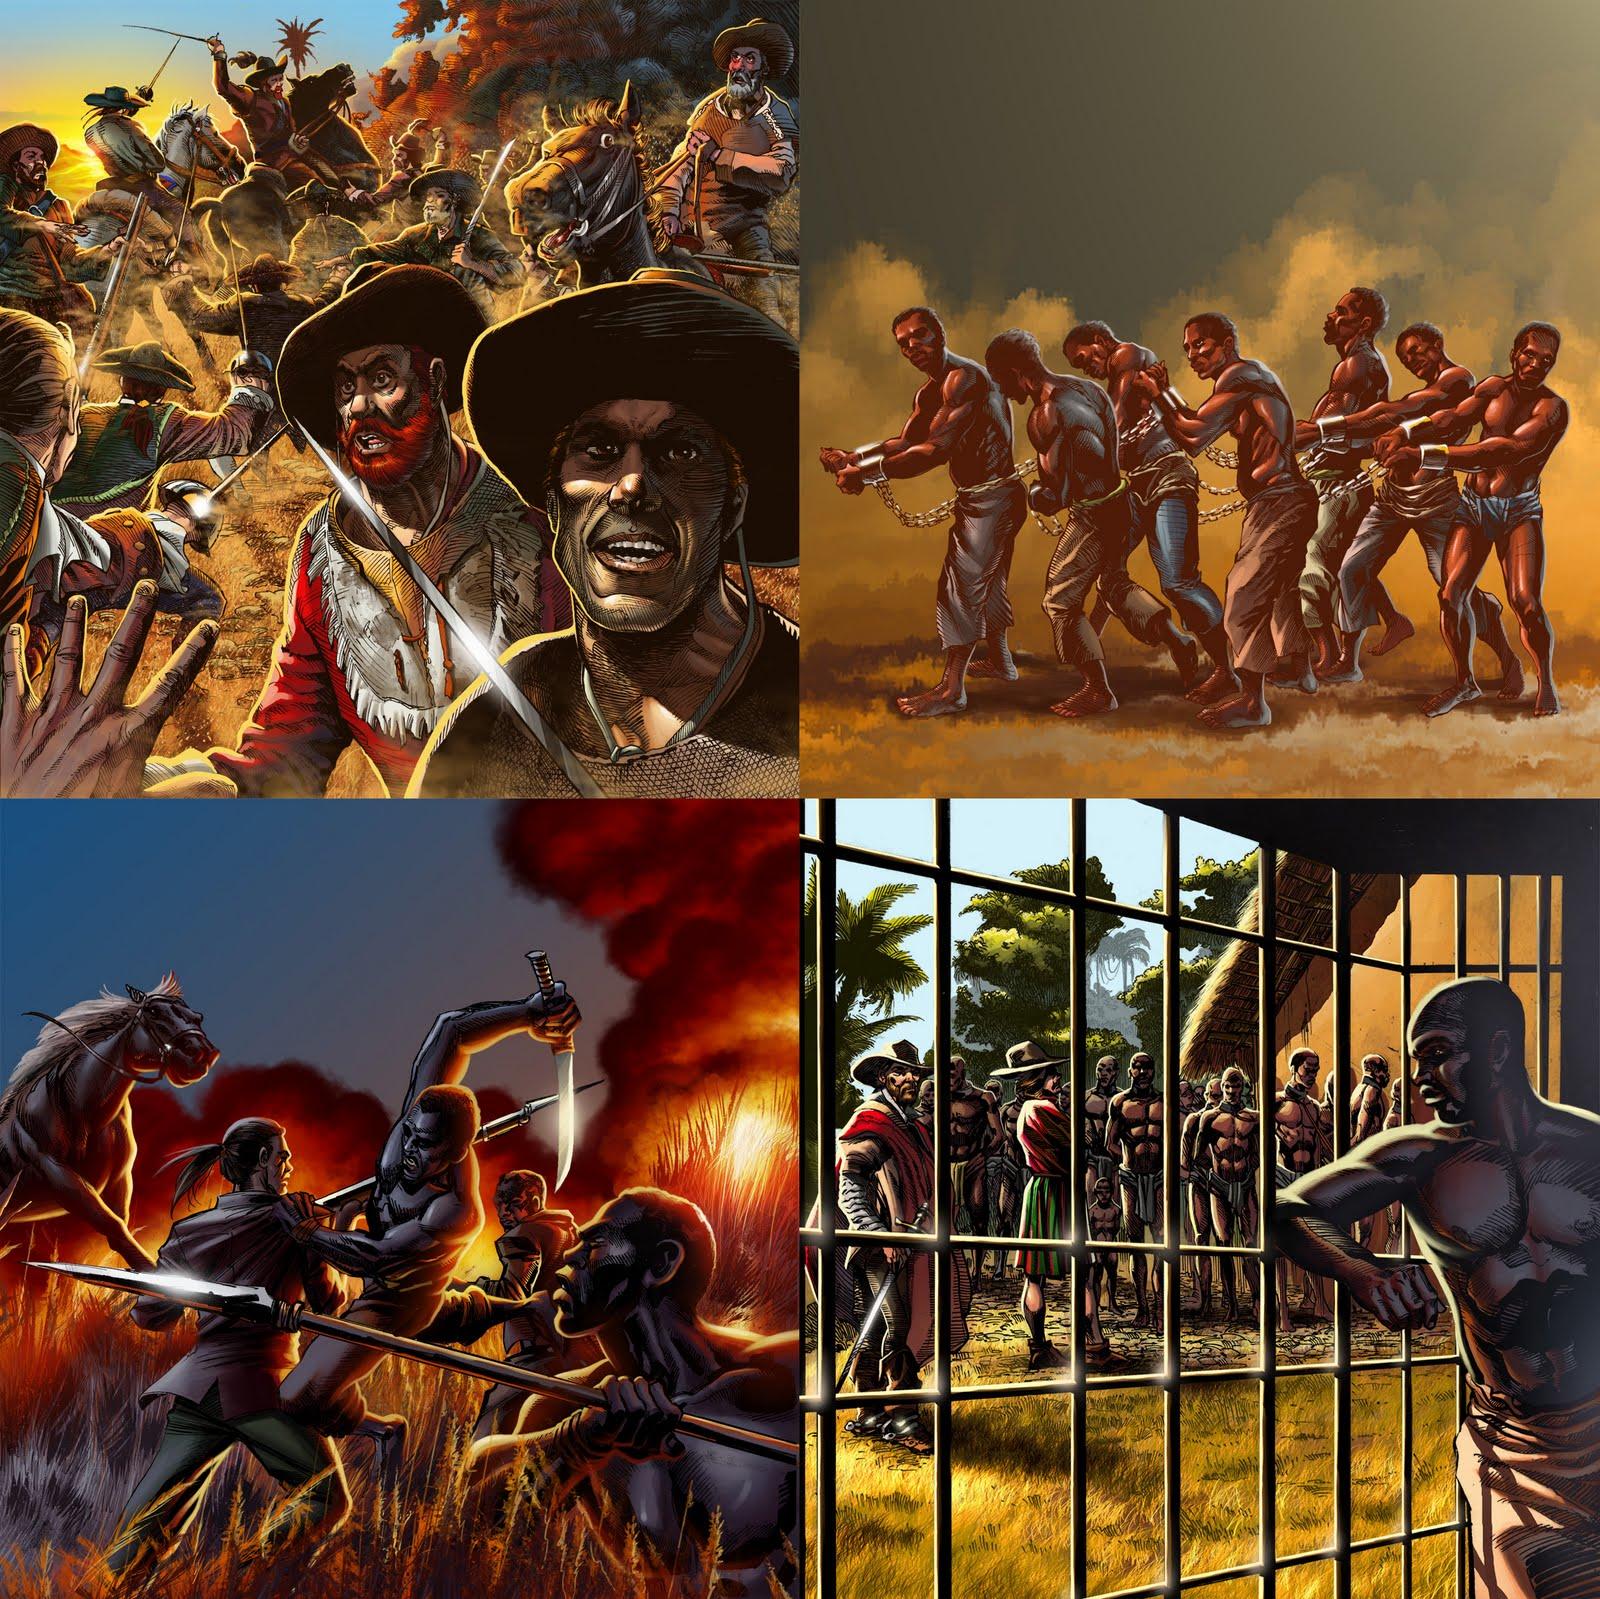 História e Cultura Afro: Zumbi dos Palmares